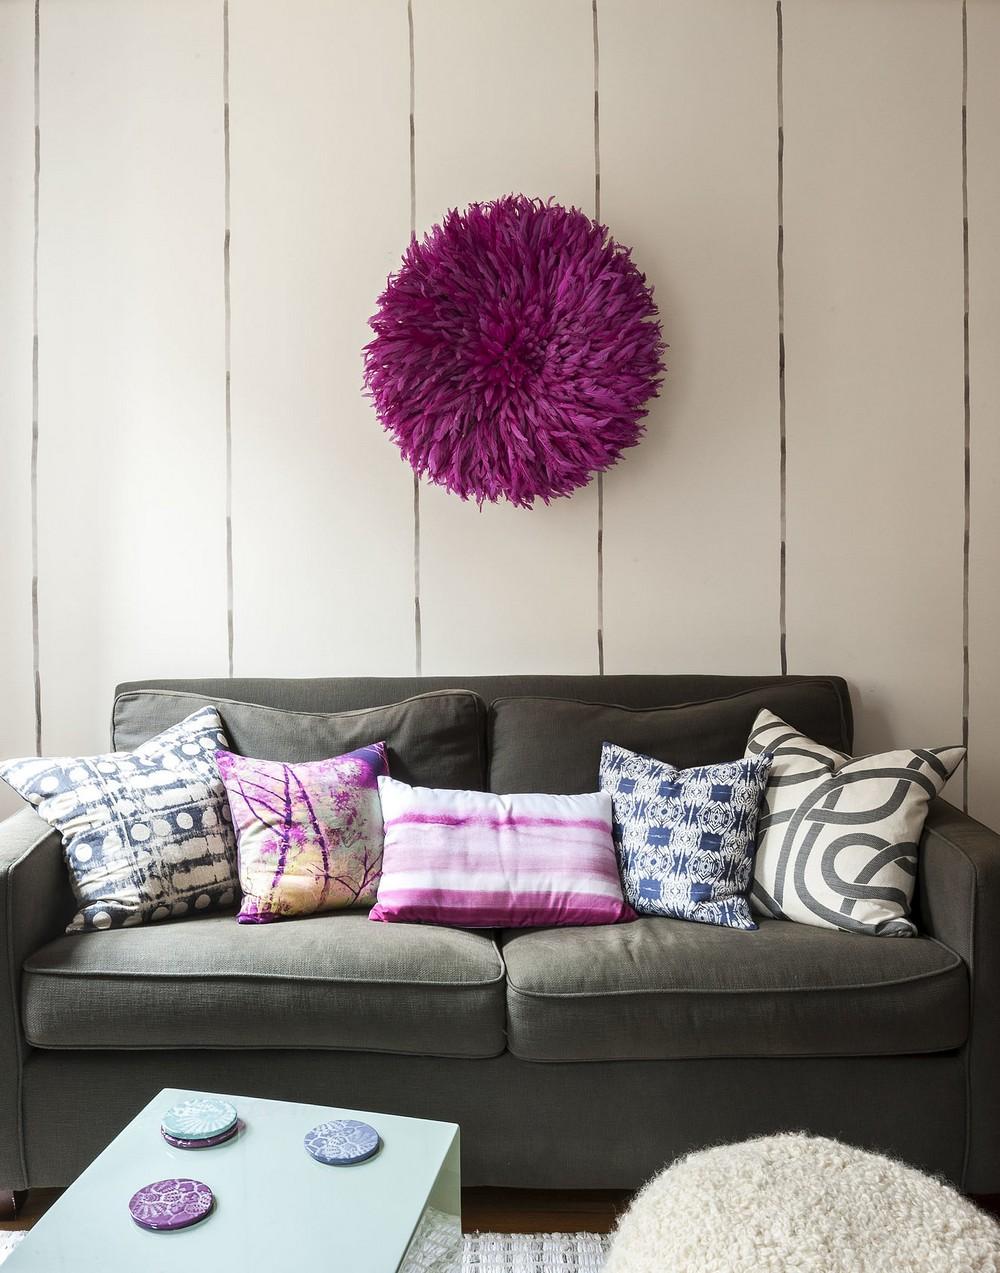 Интерьер квартиры-студии фото дивана 2